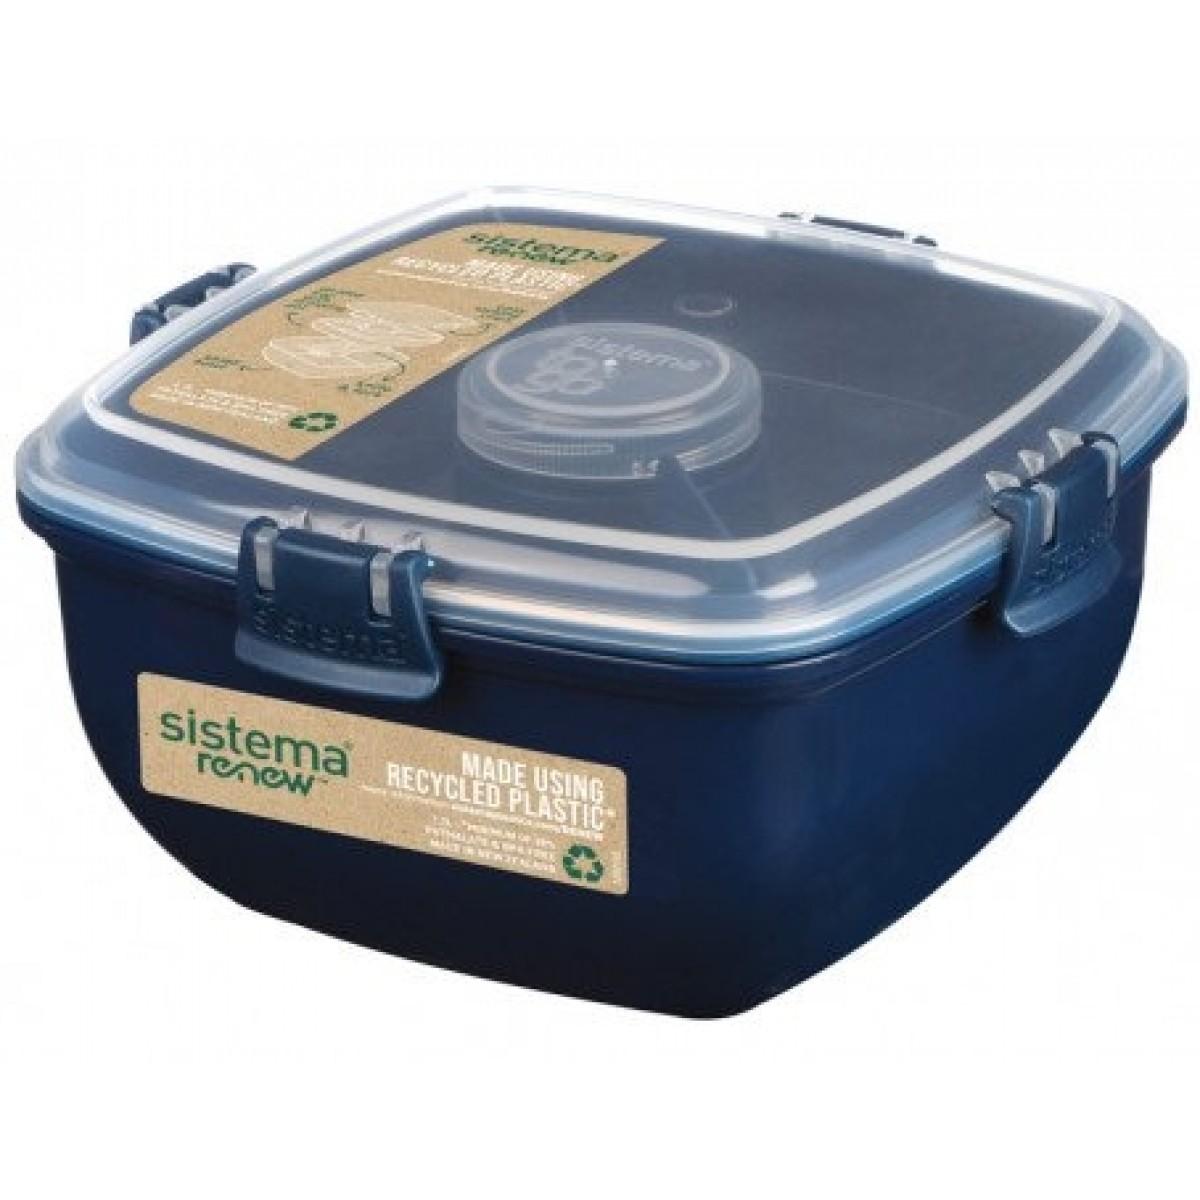 SISTEMA Salatboks med inddeling og bestik renew - blå